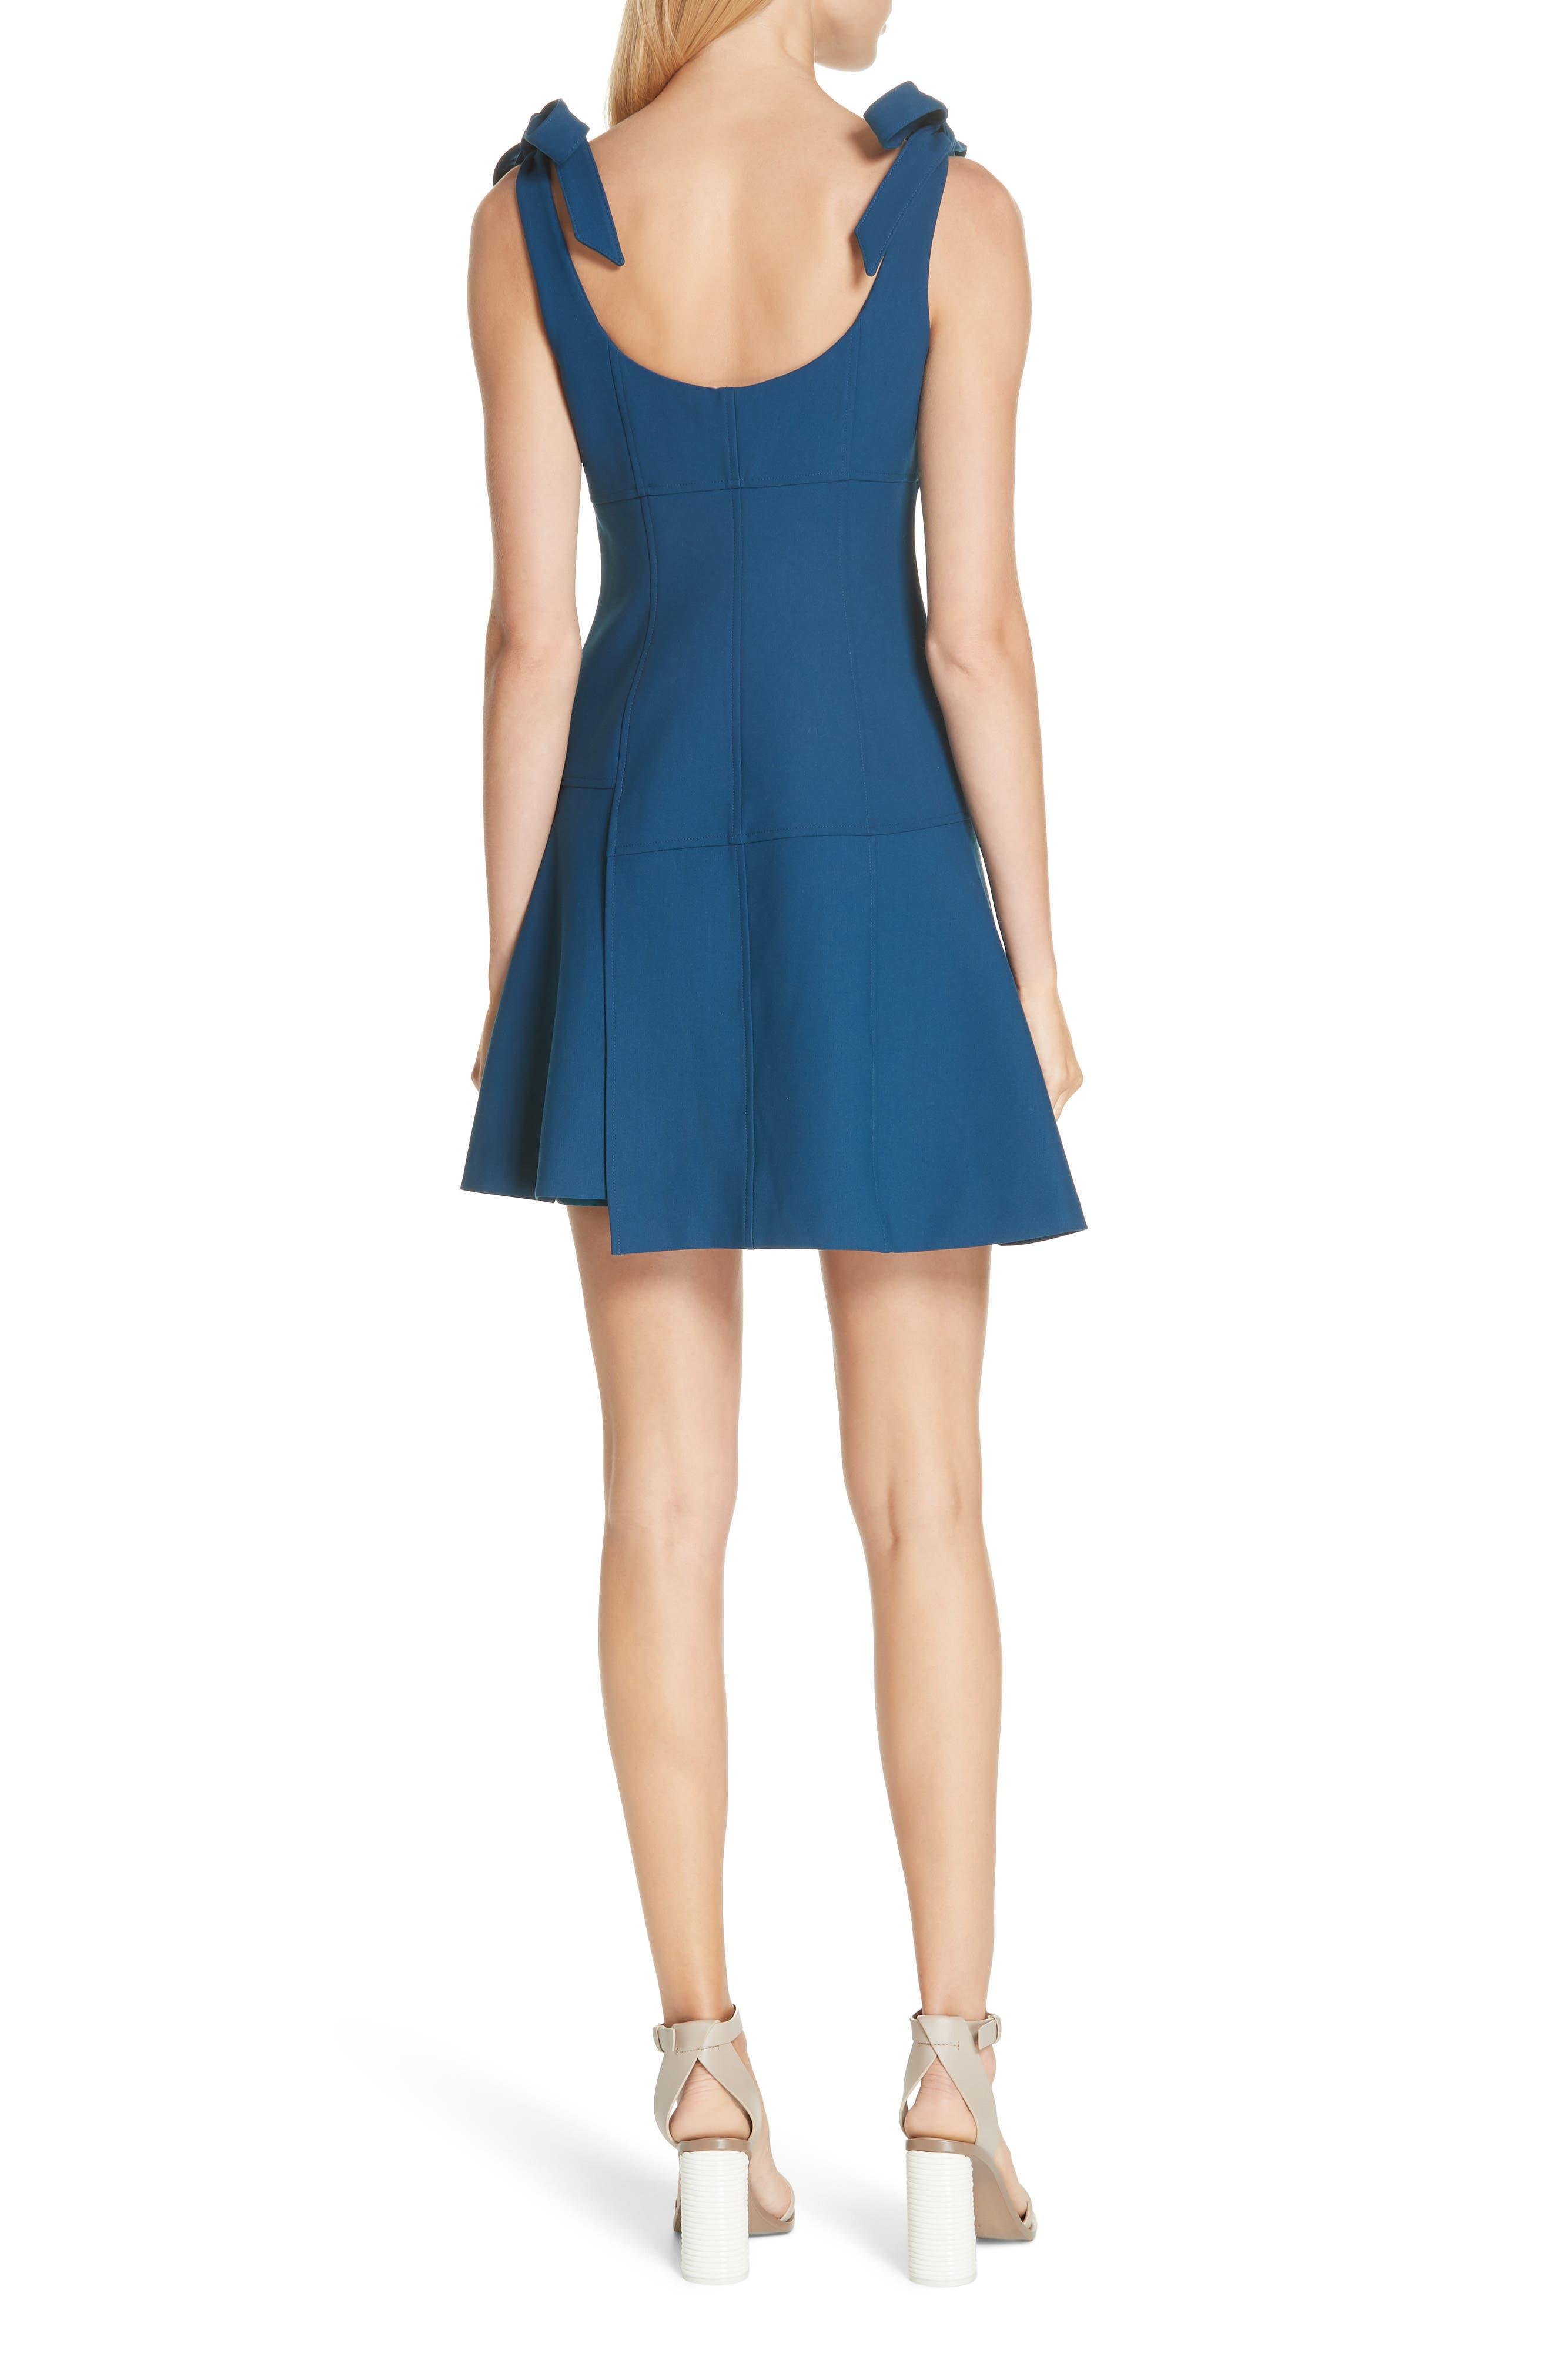 CINQ À SEPT,                             Jeanette Tie Strap Dress,                             Alternate thumbnail 2, color,                             495